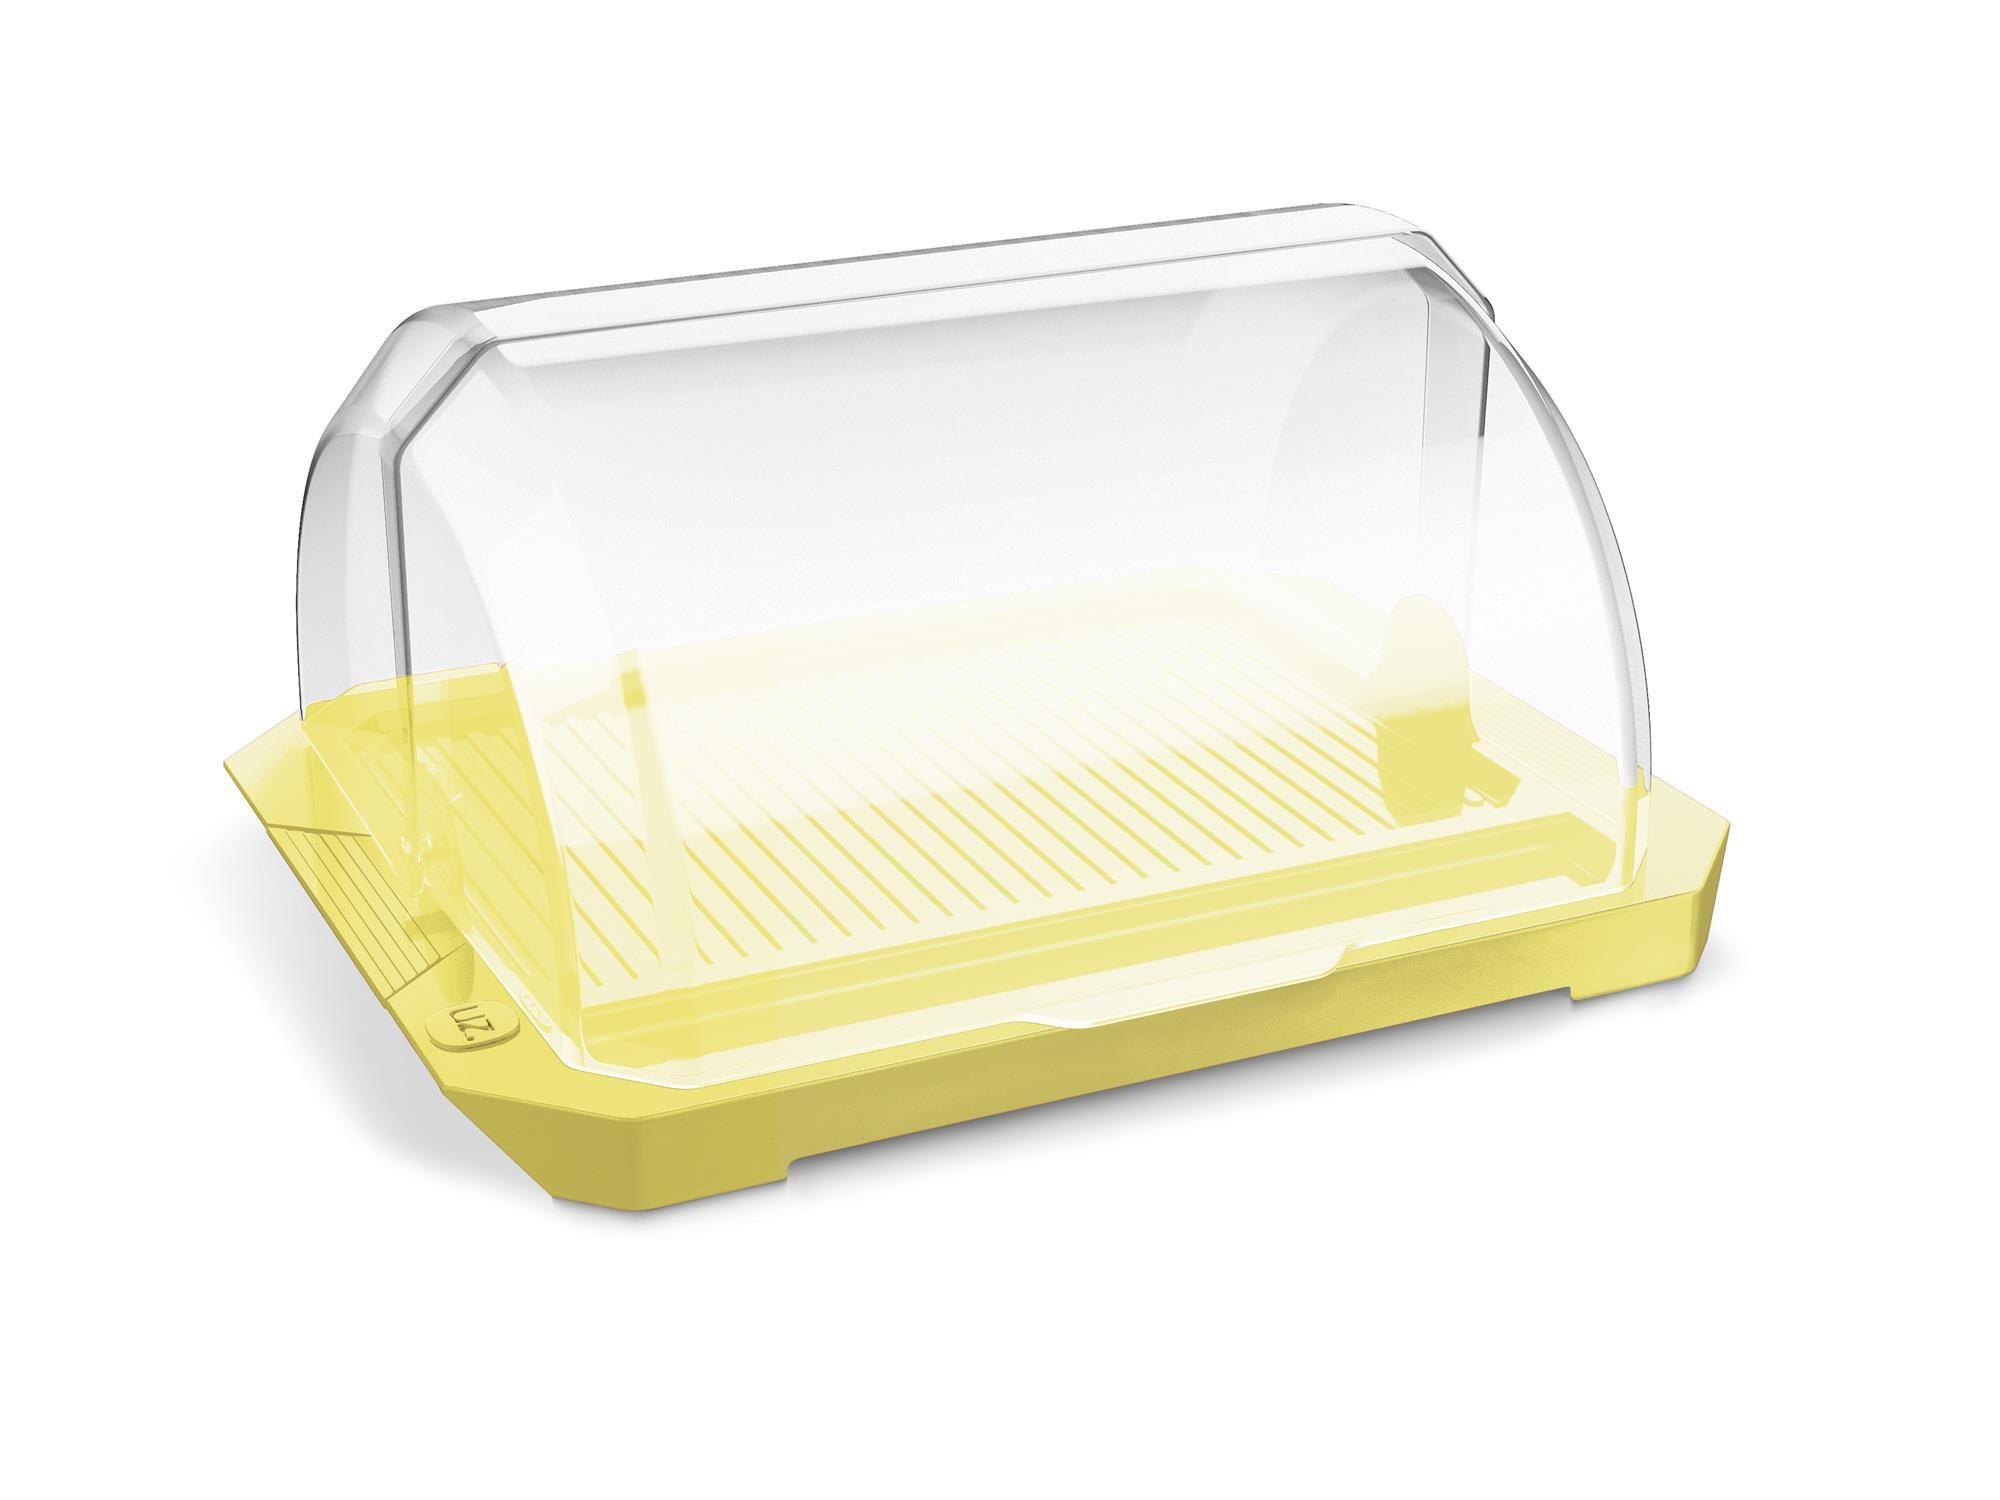 Porta Pão Premium Acrílico Tampa Transparente UZ Amarelo